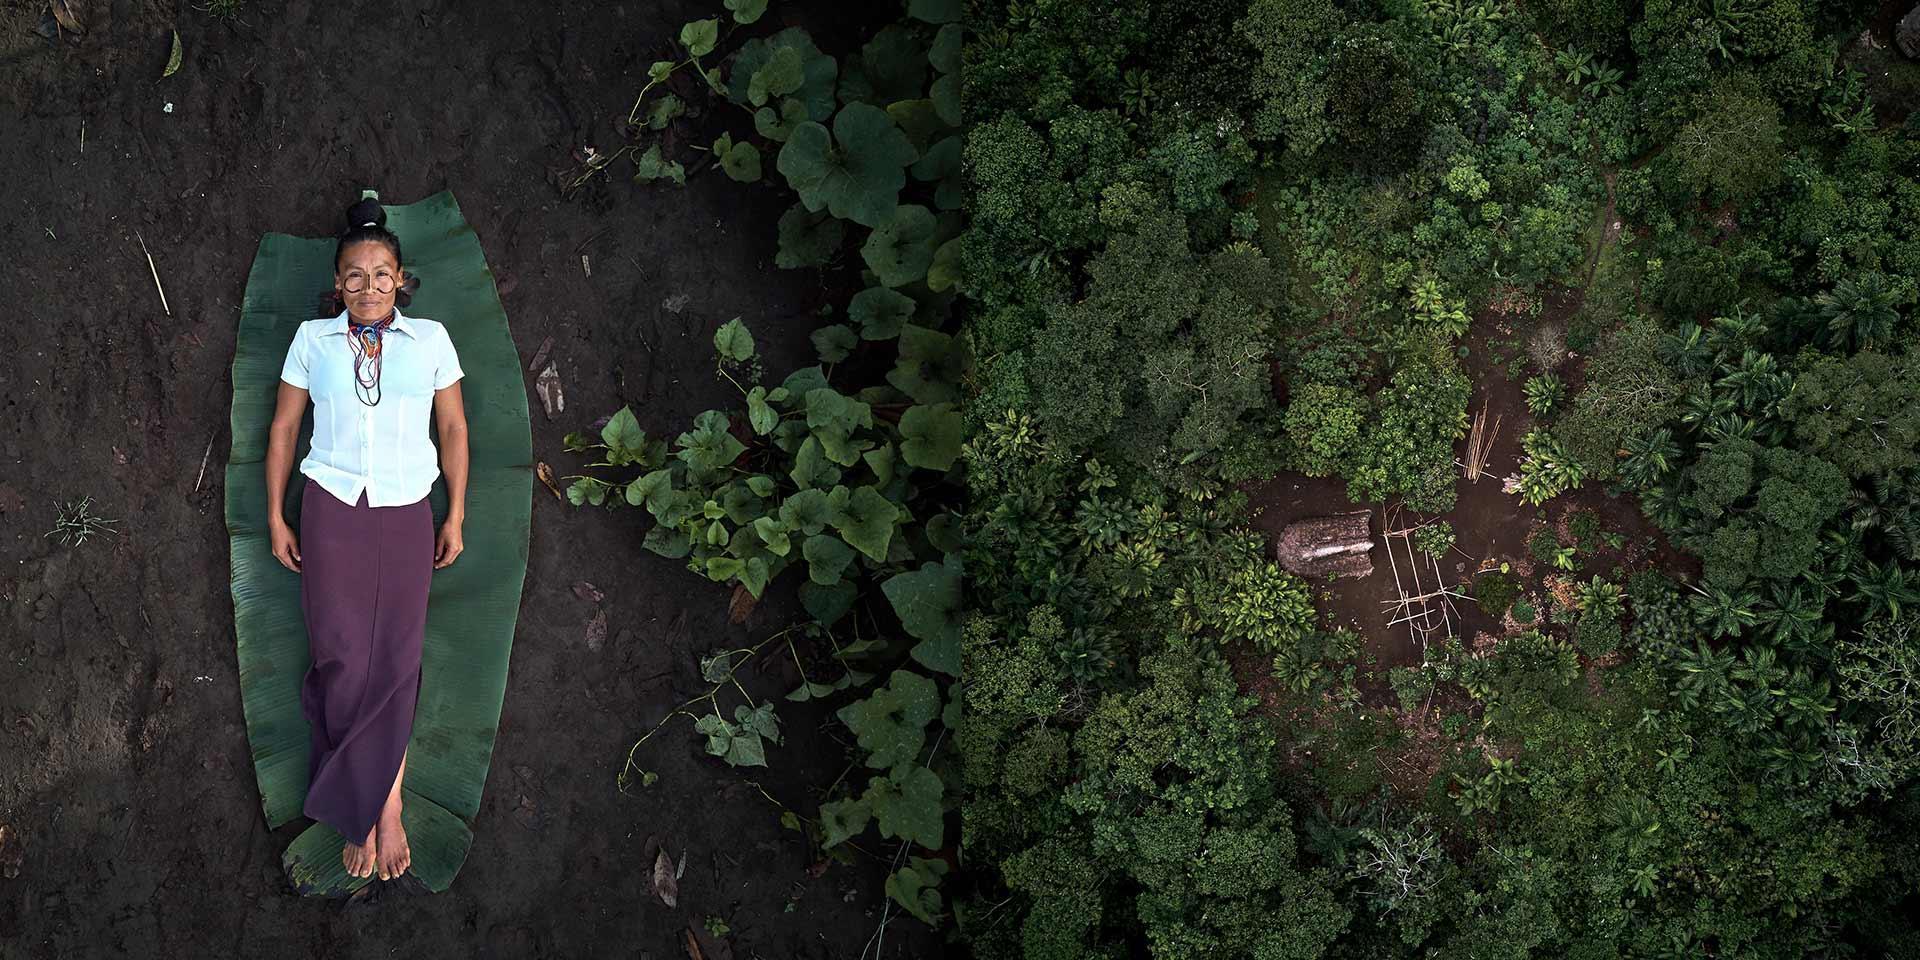 Persona sdraiata a terra accanto alla foresta